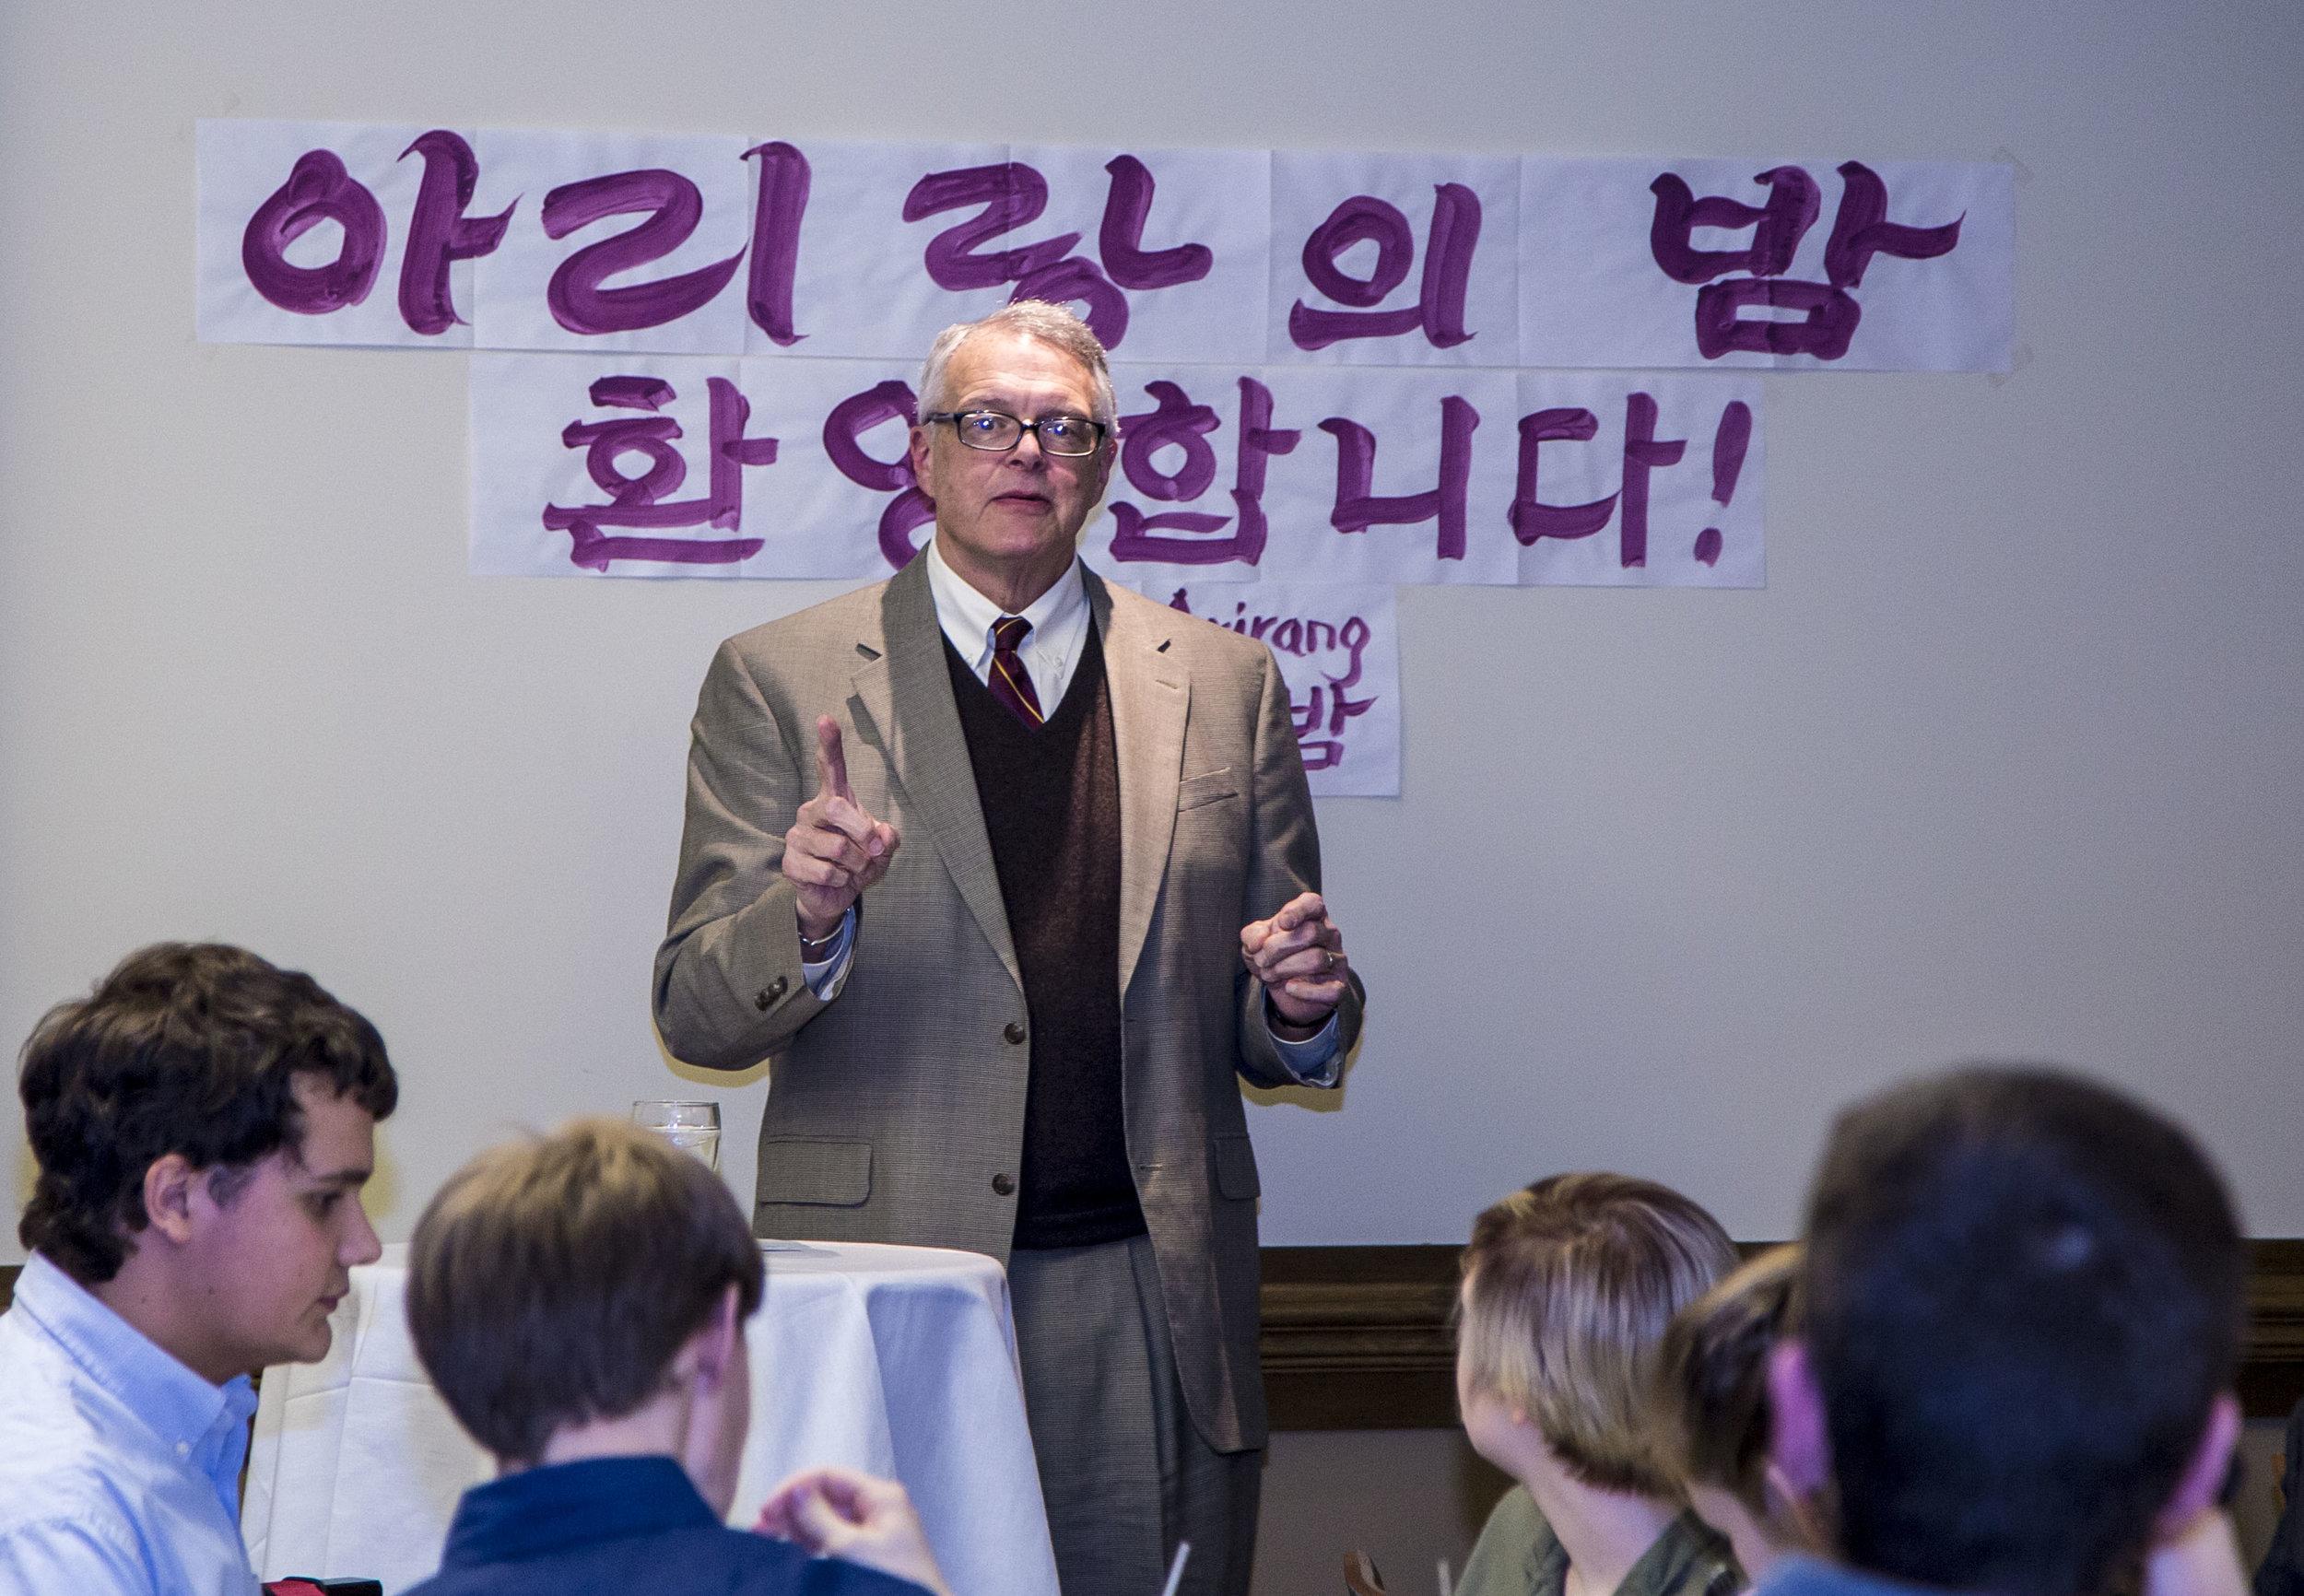 기조 연설자, 전 미국무부 외교관, Arthur Mills II 교수님